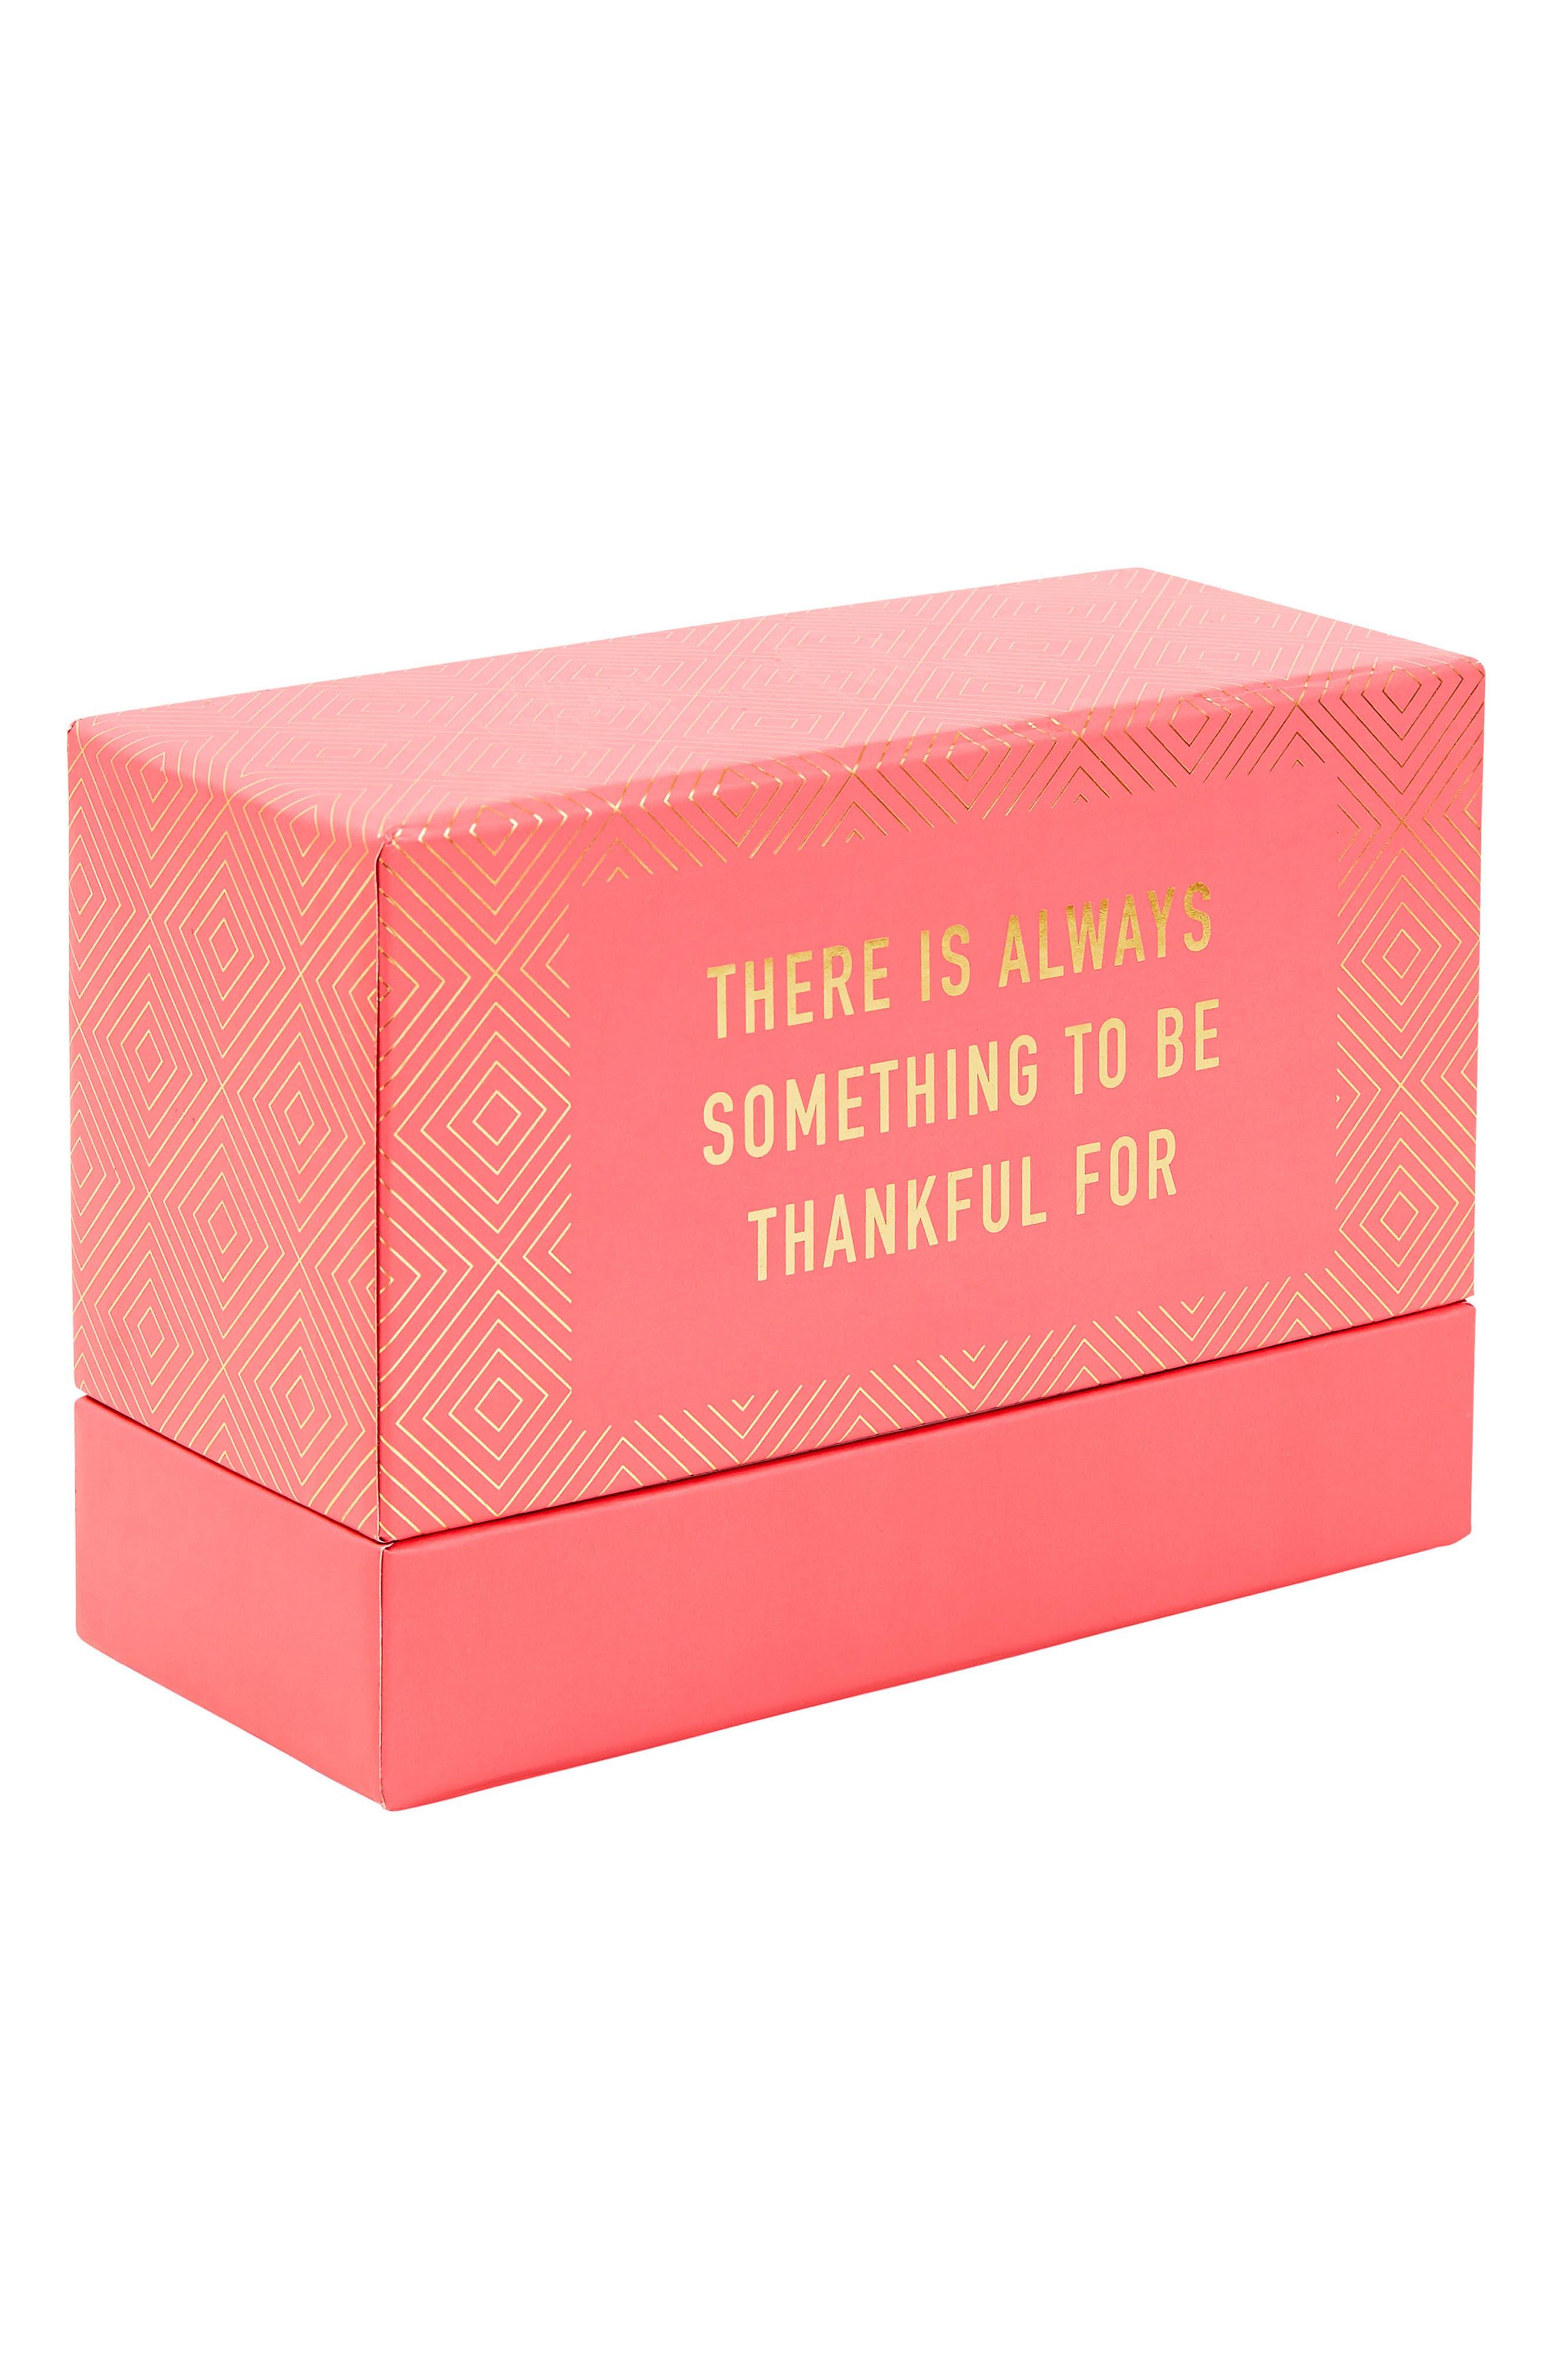 kikki.K 52 Inspirational Cards Box Set